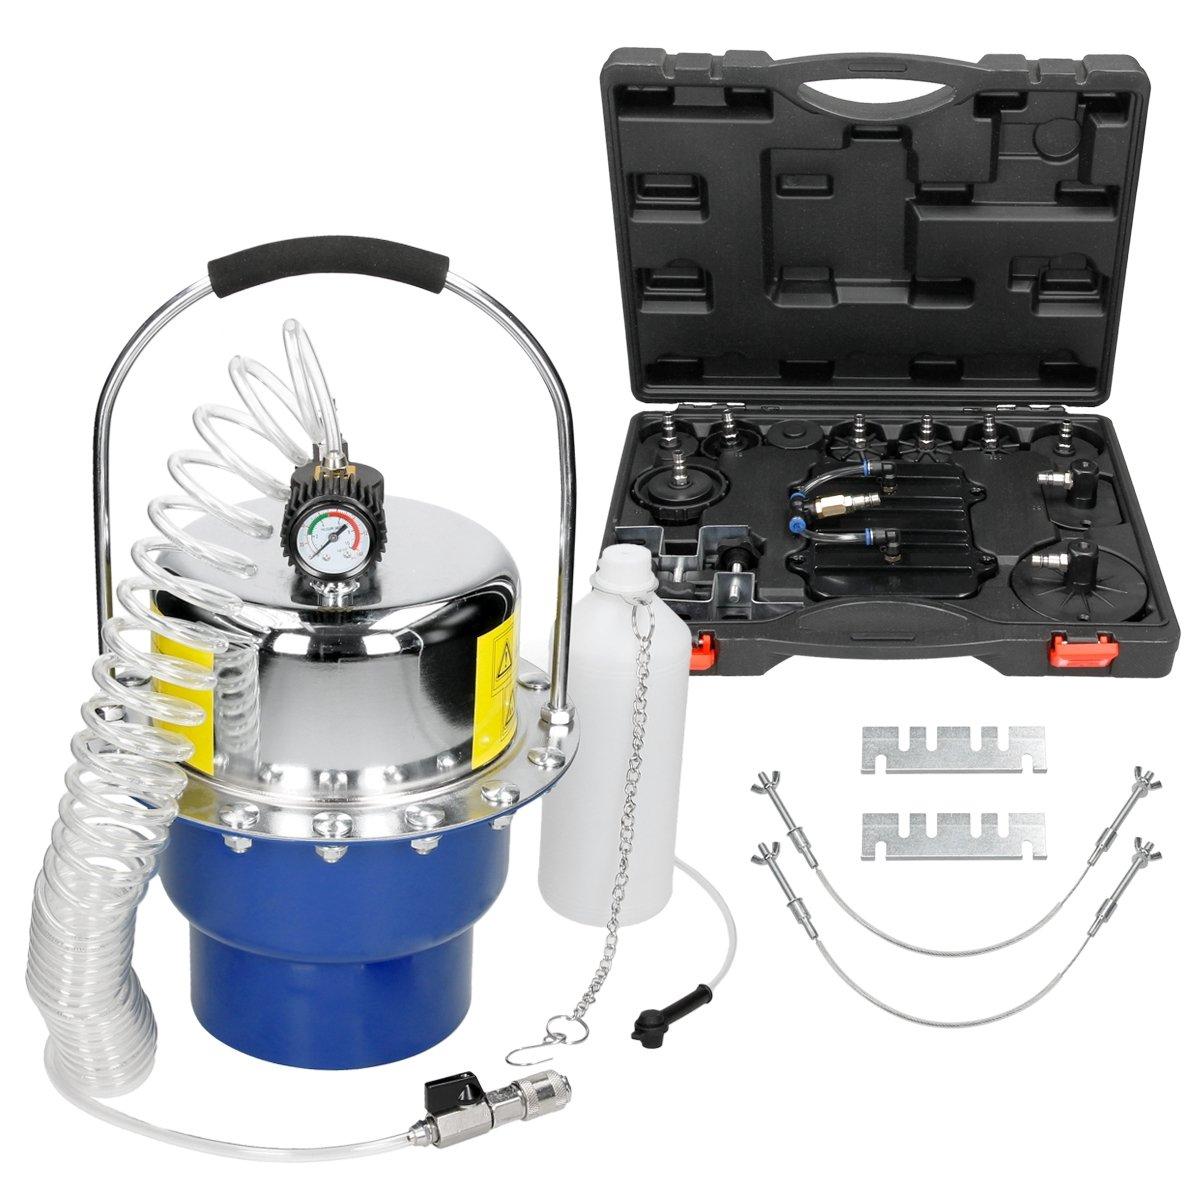 ECD Germany Purgador de Freno de Aire comprimido Sangrador de Freno neumático con Manómetro de Presión y Válvulas: Amazon.es: Coche y moto